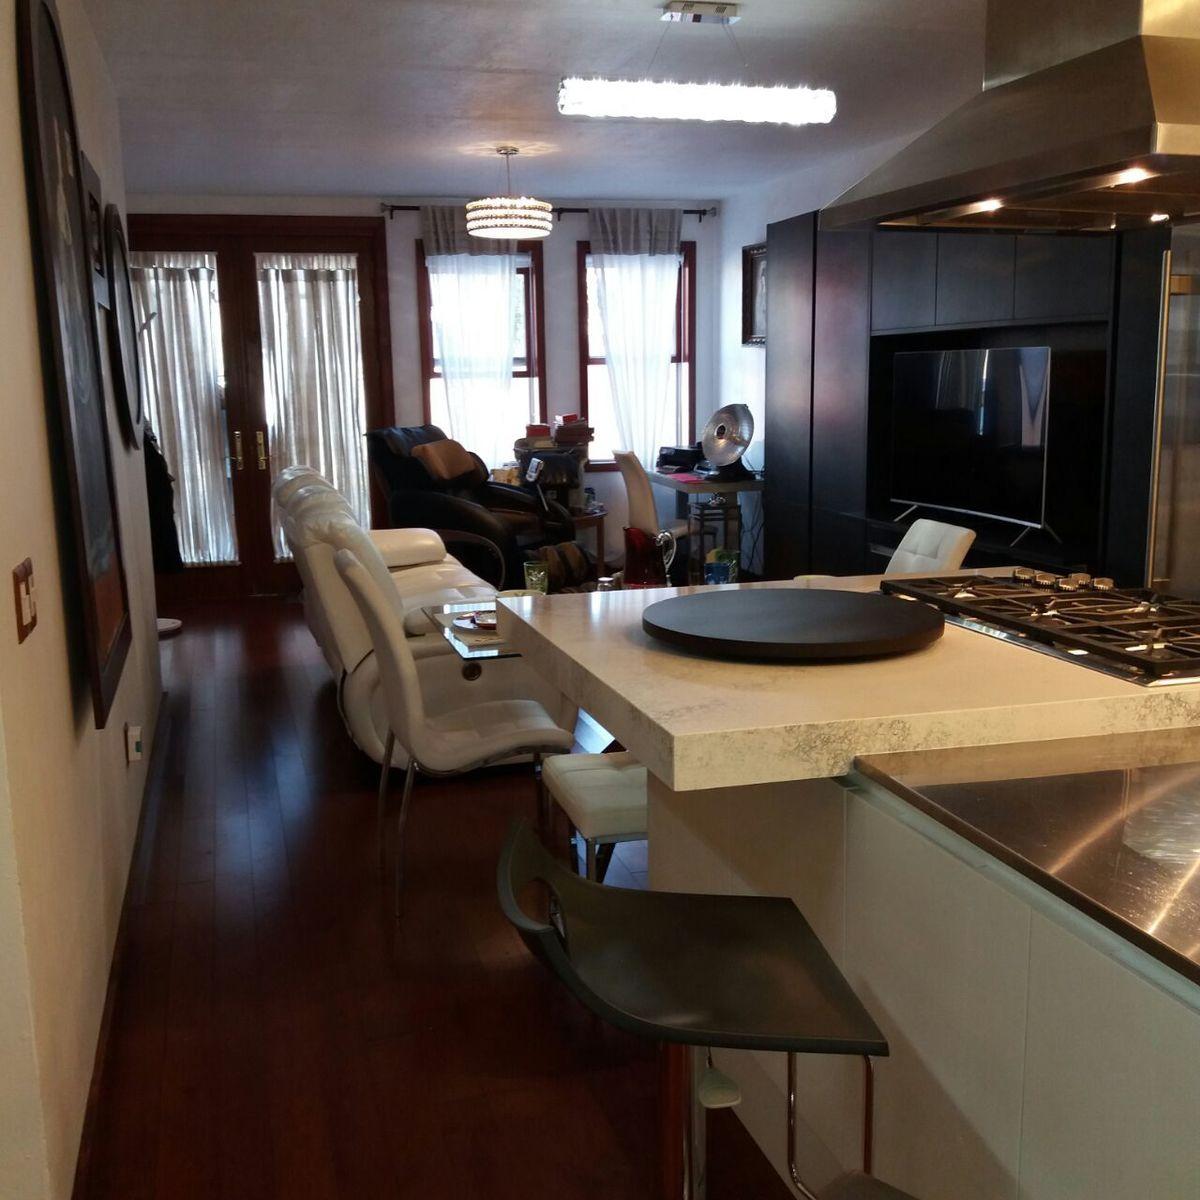 Casa En Venta Jardines Tepatitl N Tepatitl N De Morelos 3  # Muebles Tepatitlan Jalisco